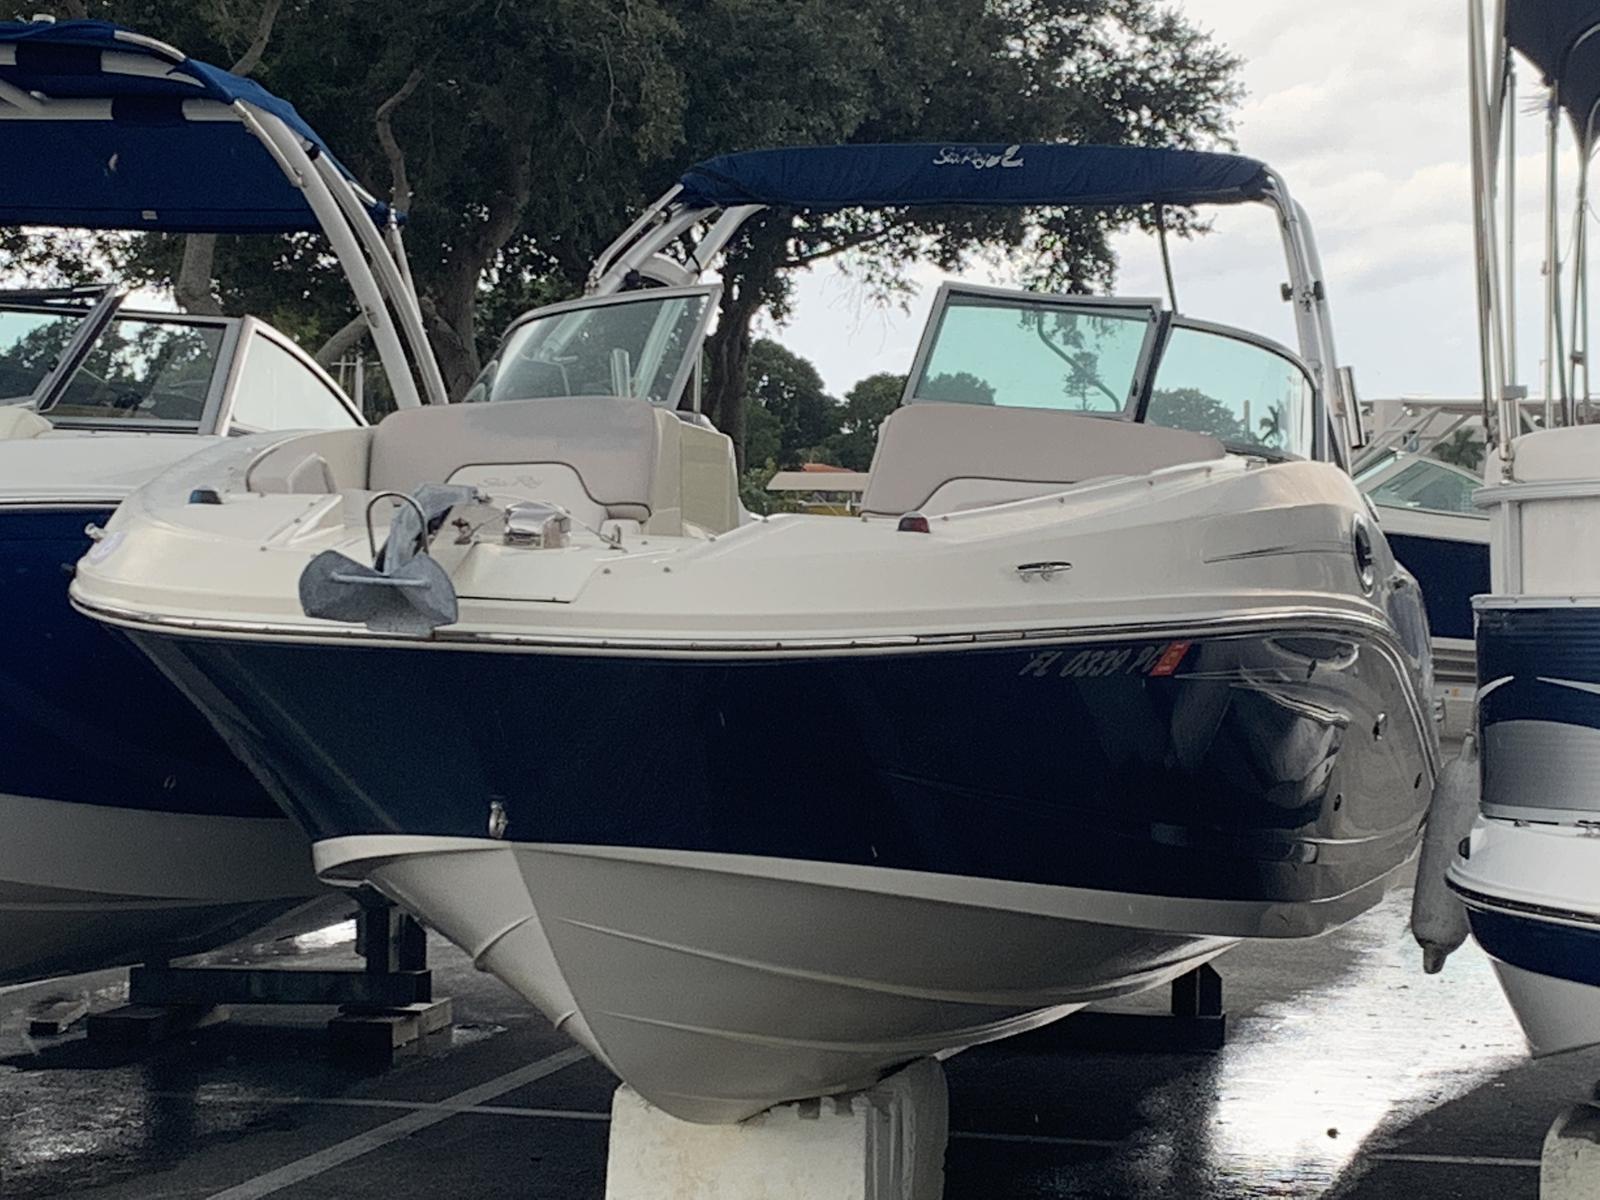 USED 2010 Sea Ray 300 Sundeck® Boat - Sara Bay Marina